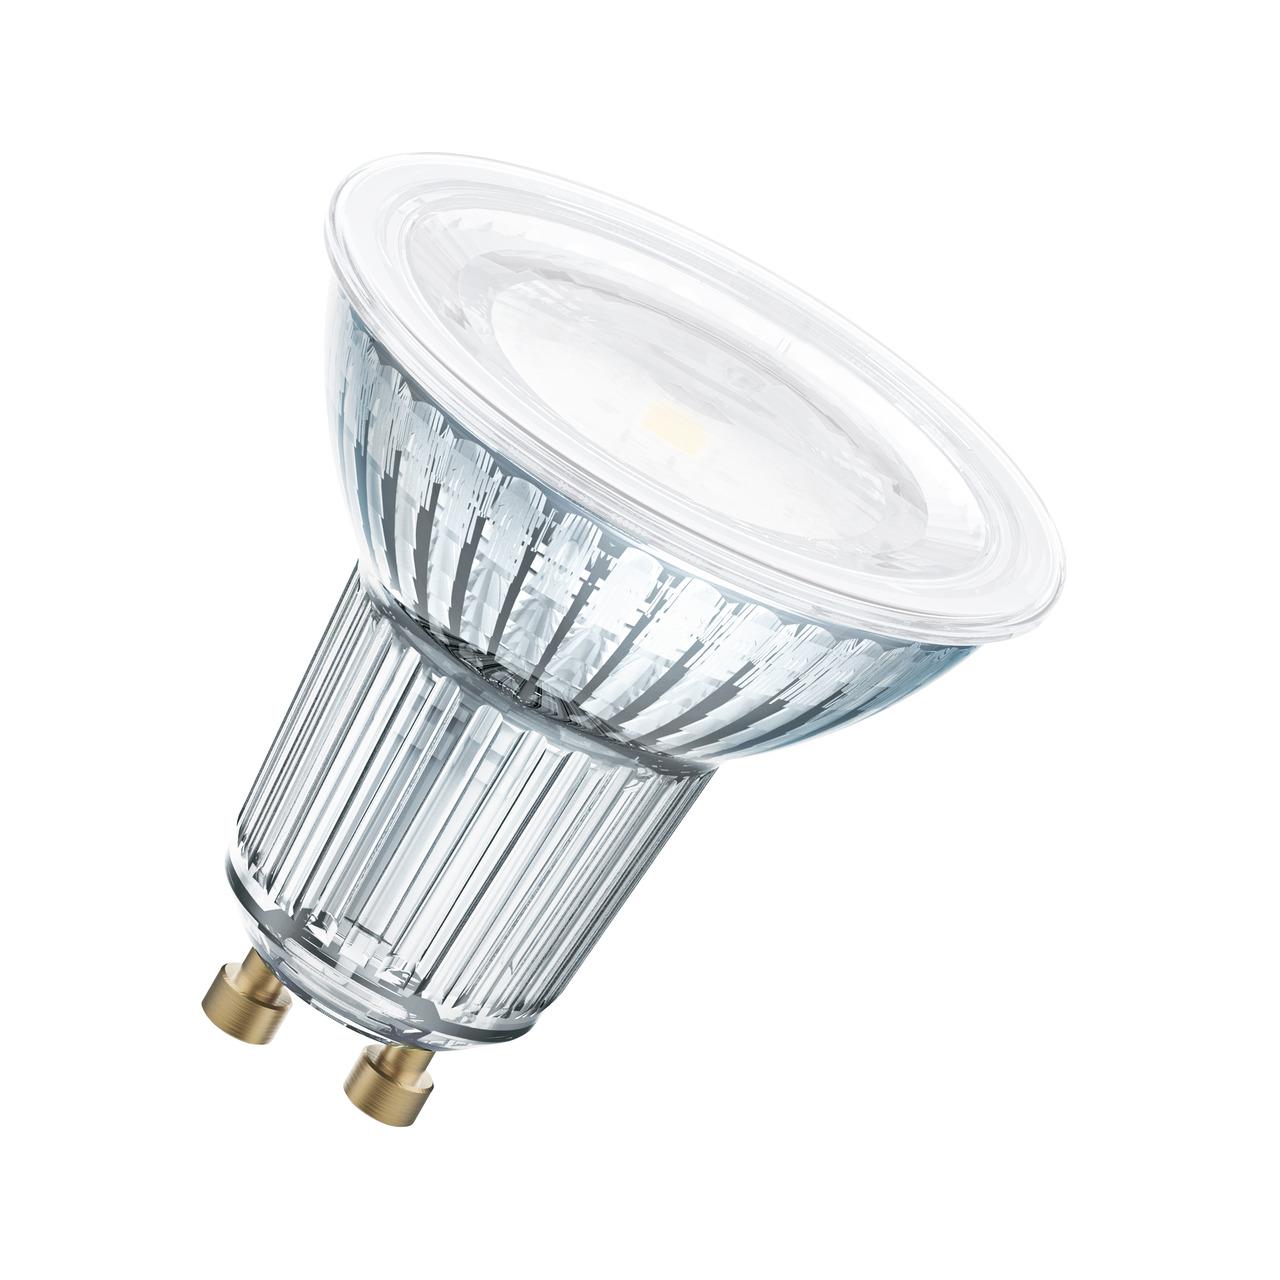 OSRAM 6-5-W-LED-Lampe PAR51- GU10- 570 lm- neutralweiss- 120-